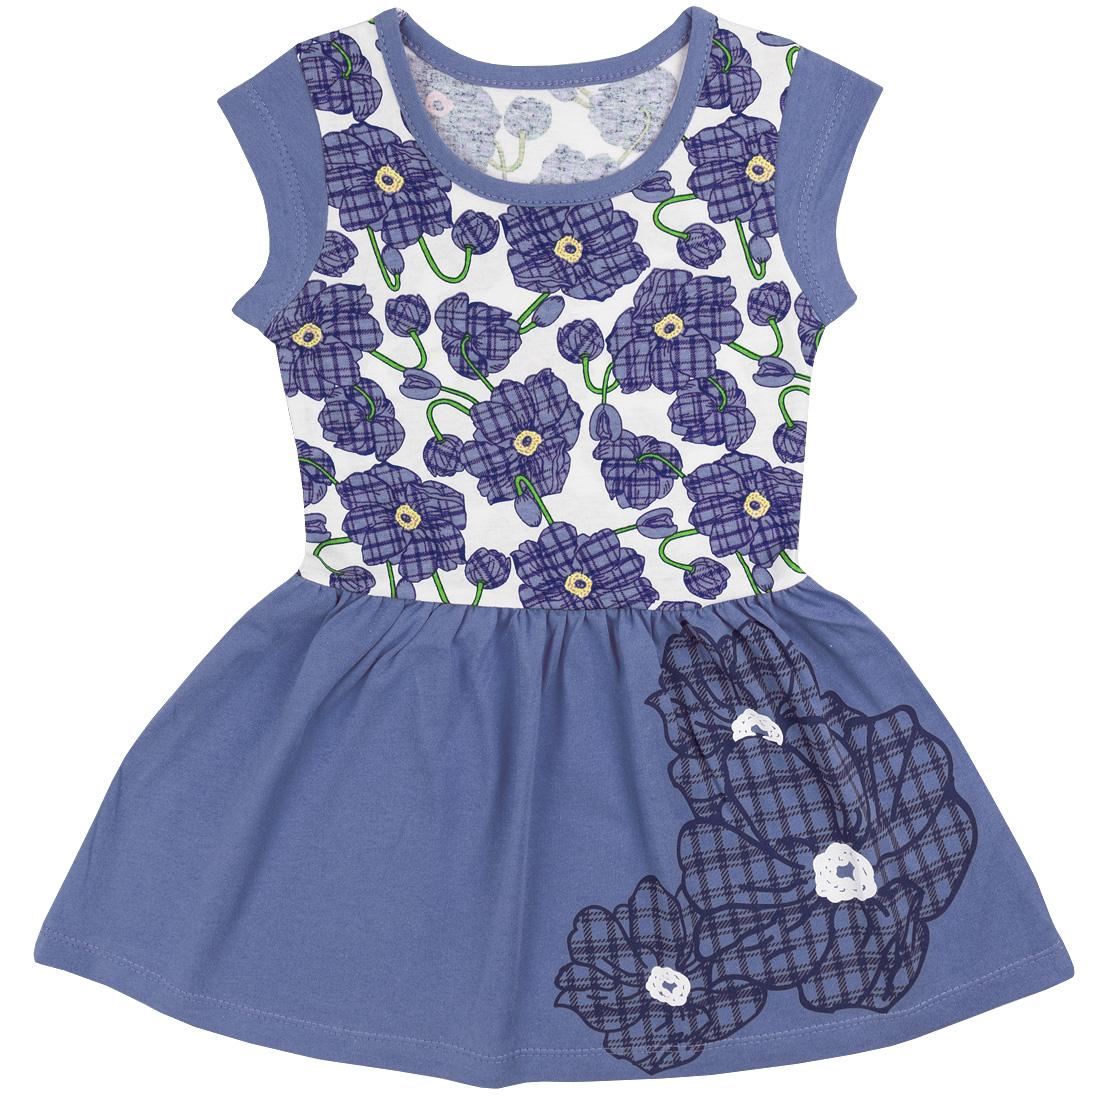 Купить 395к/к ап, Платье детское Юлла, цв. синий р. 122, Платья для девочек